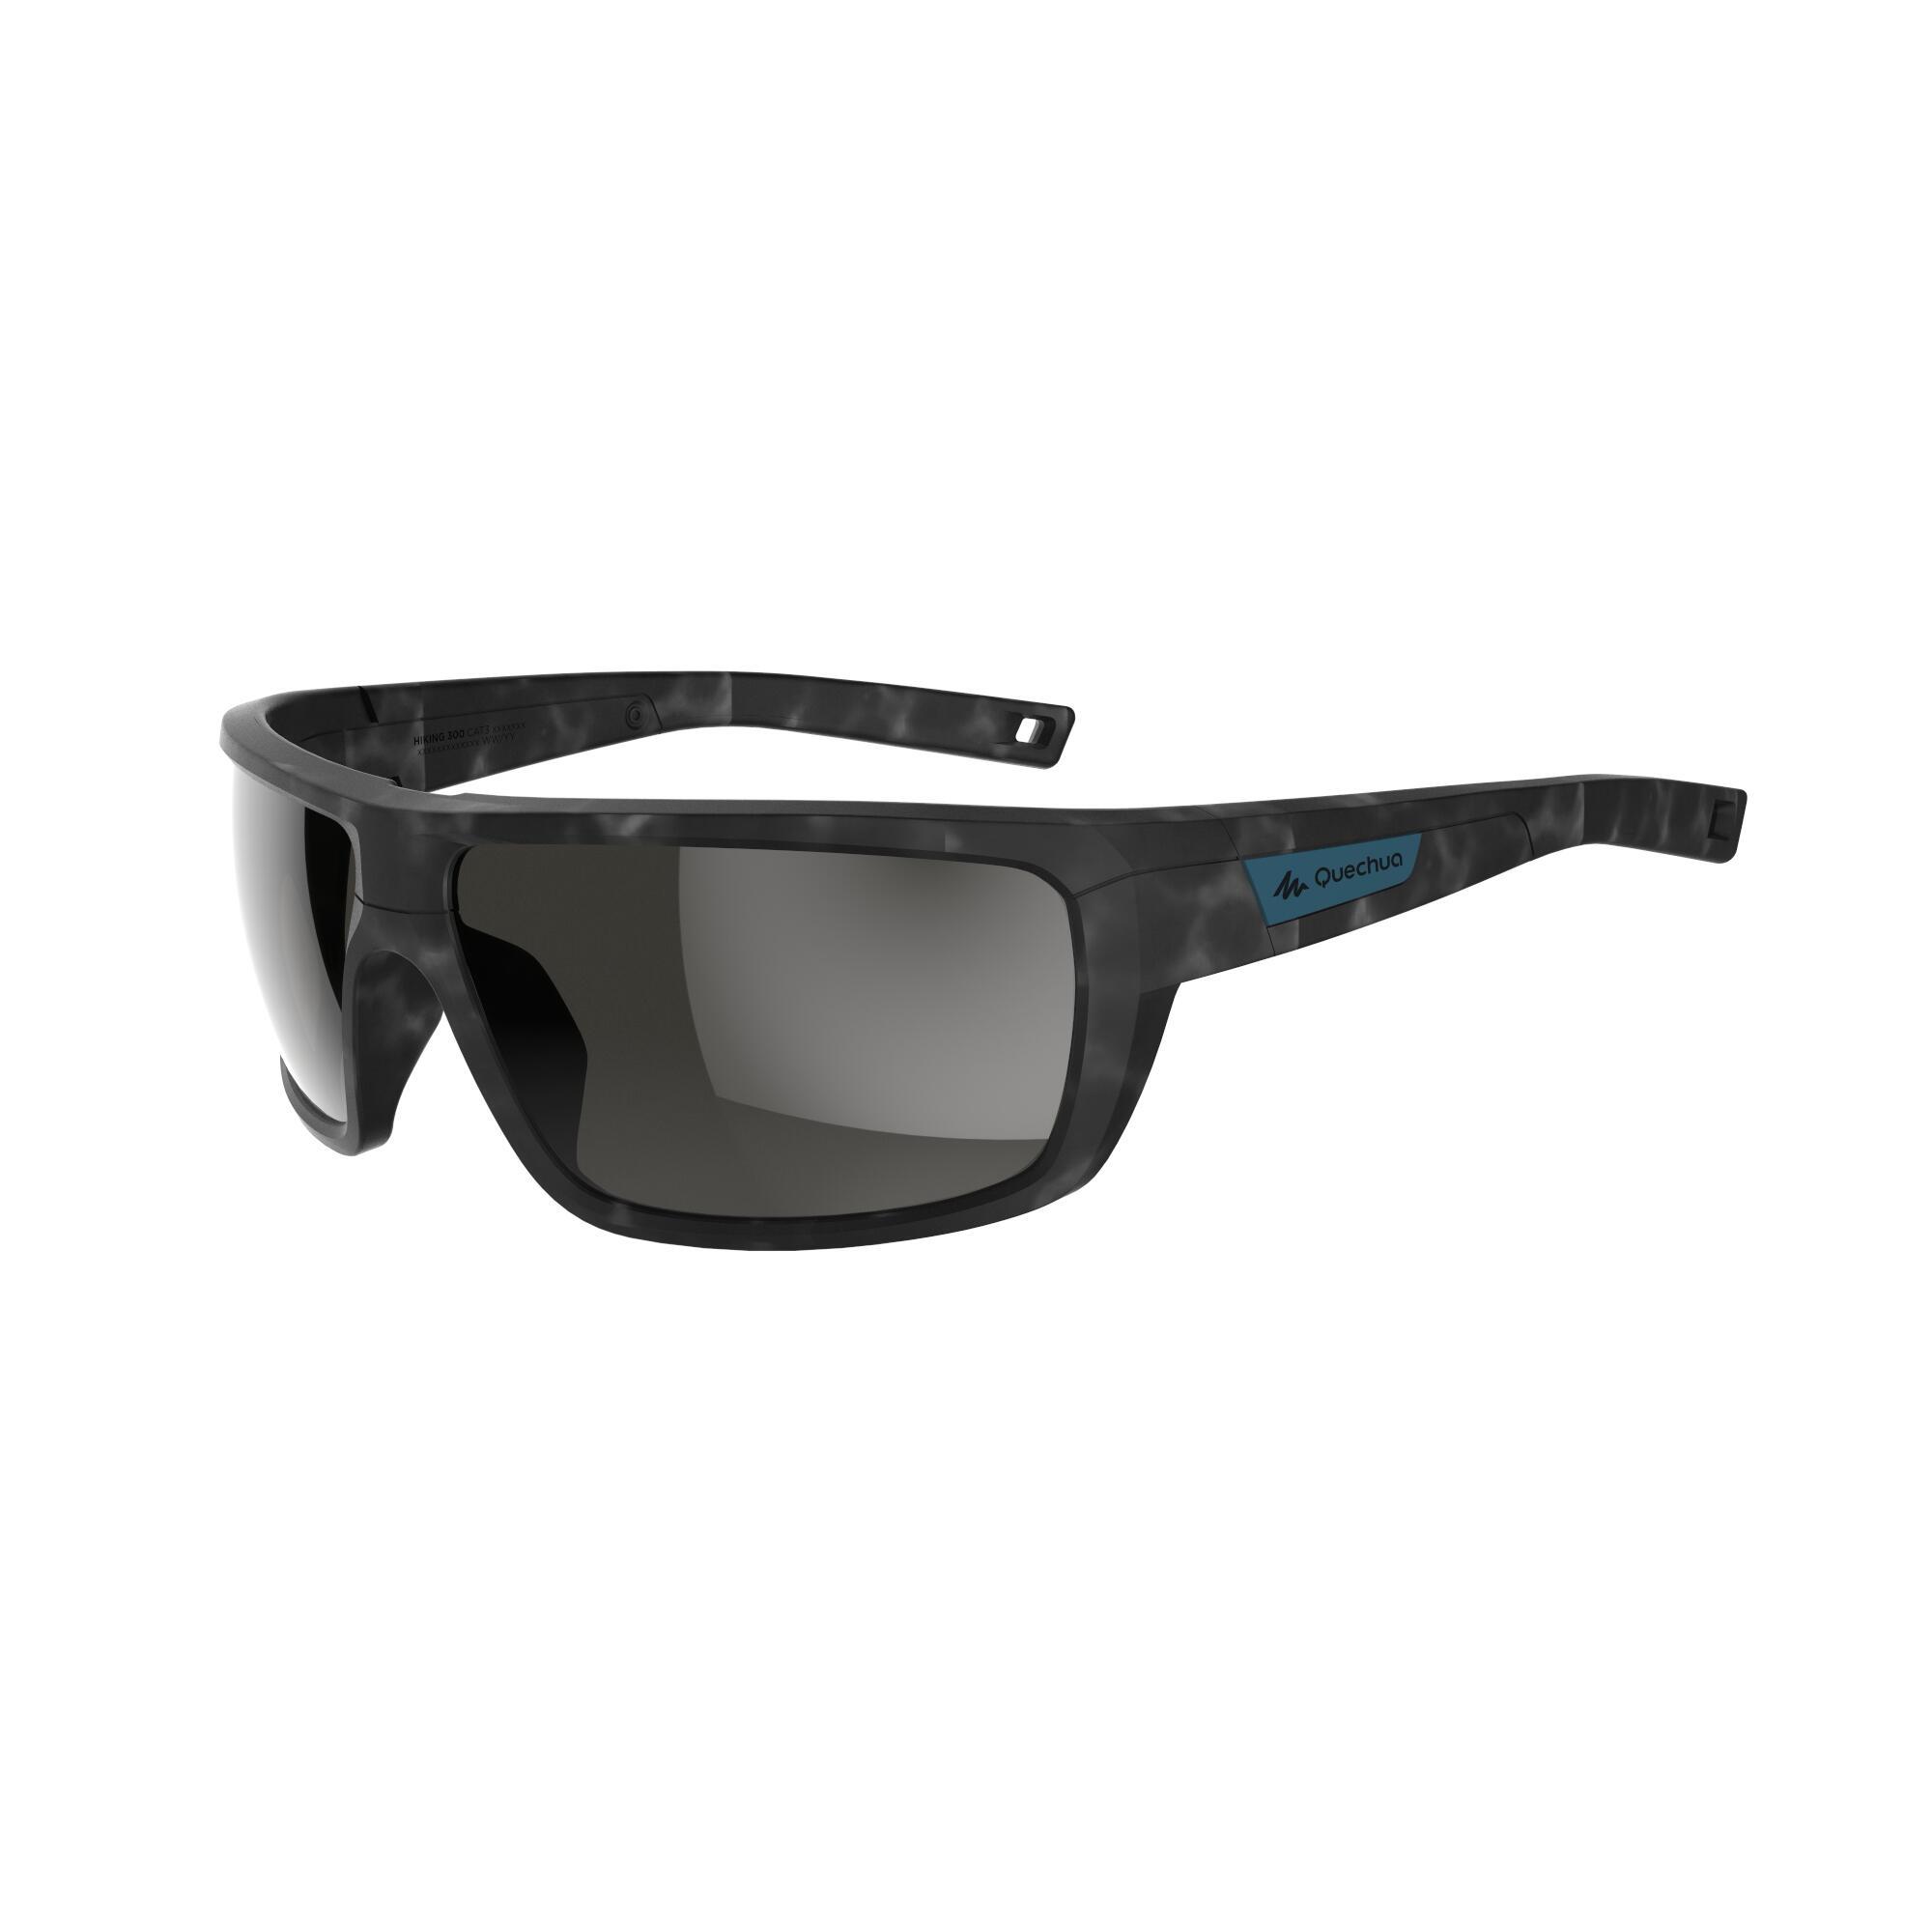 018a704c8a Comprar Gafas Polarizadas online | Decathlon